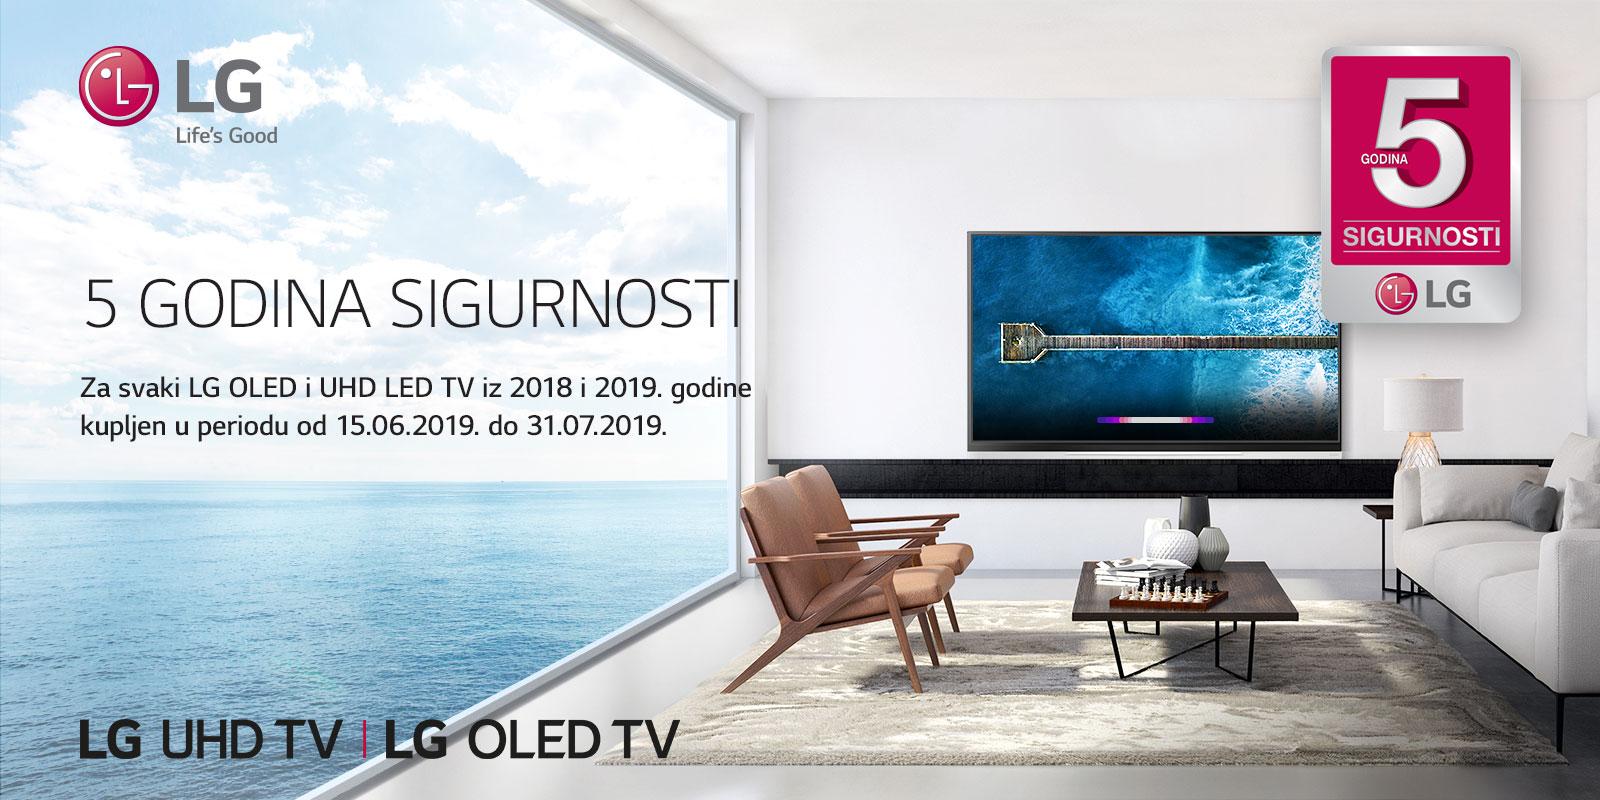 tv-oled-e9-banner-desktop_cro_3